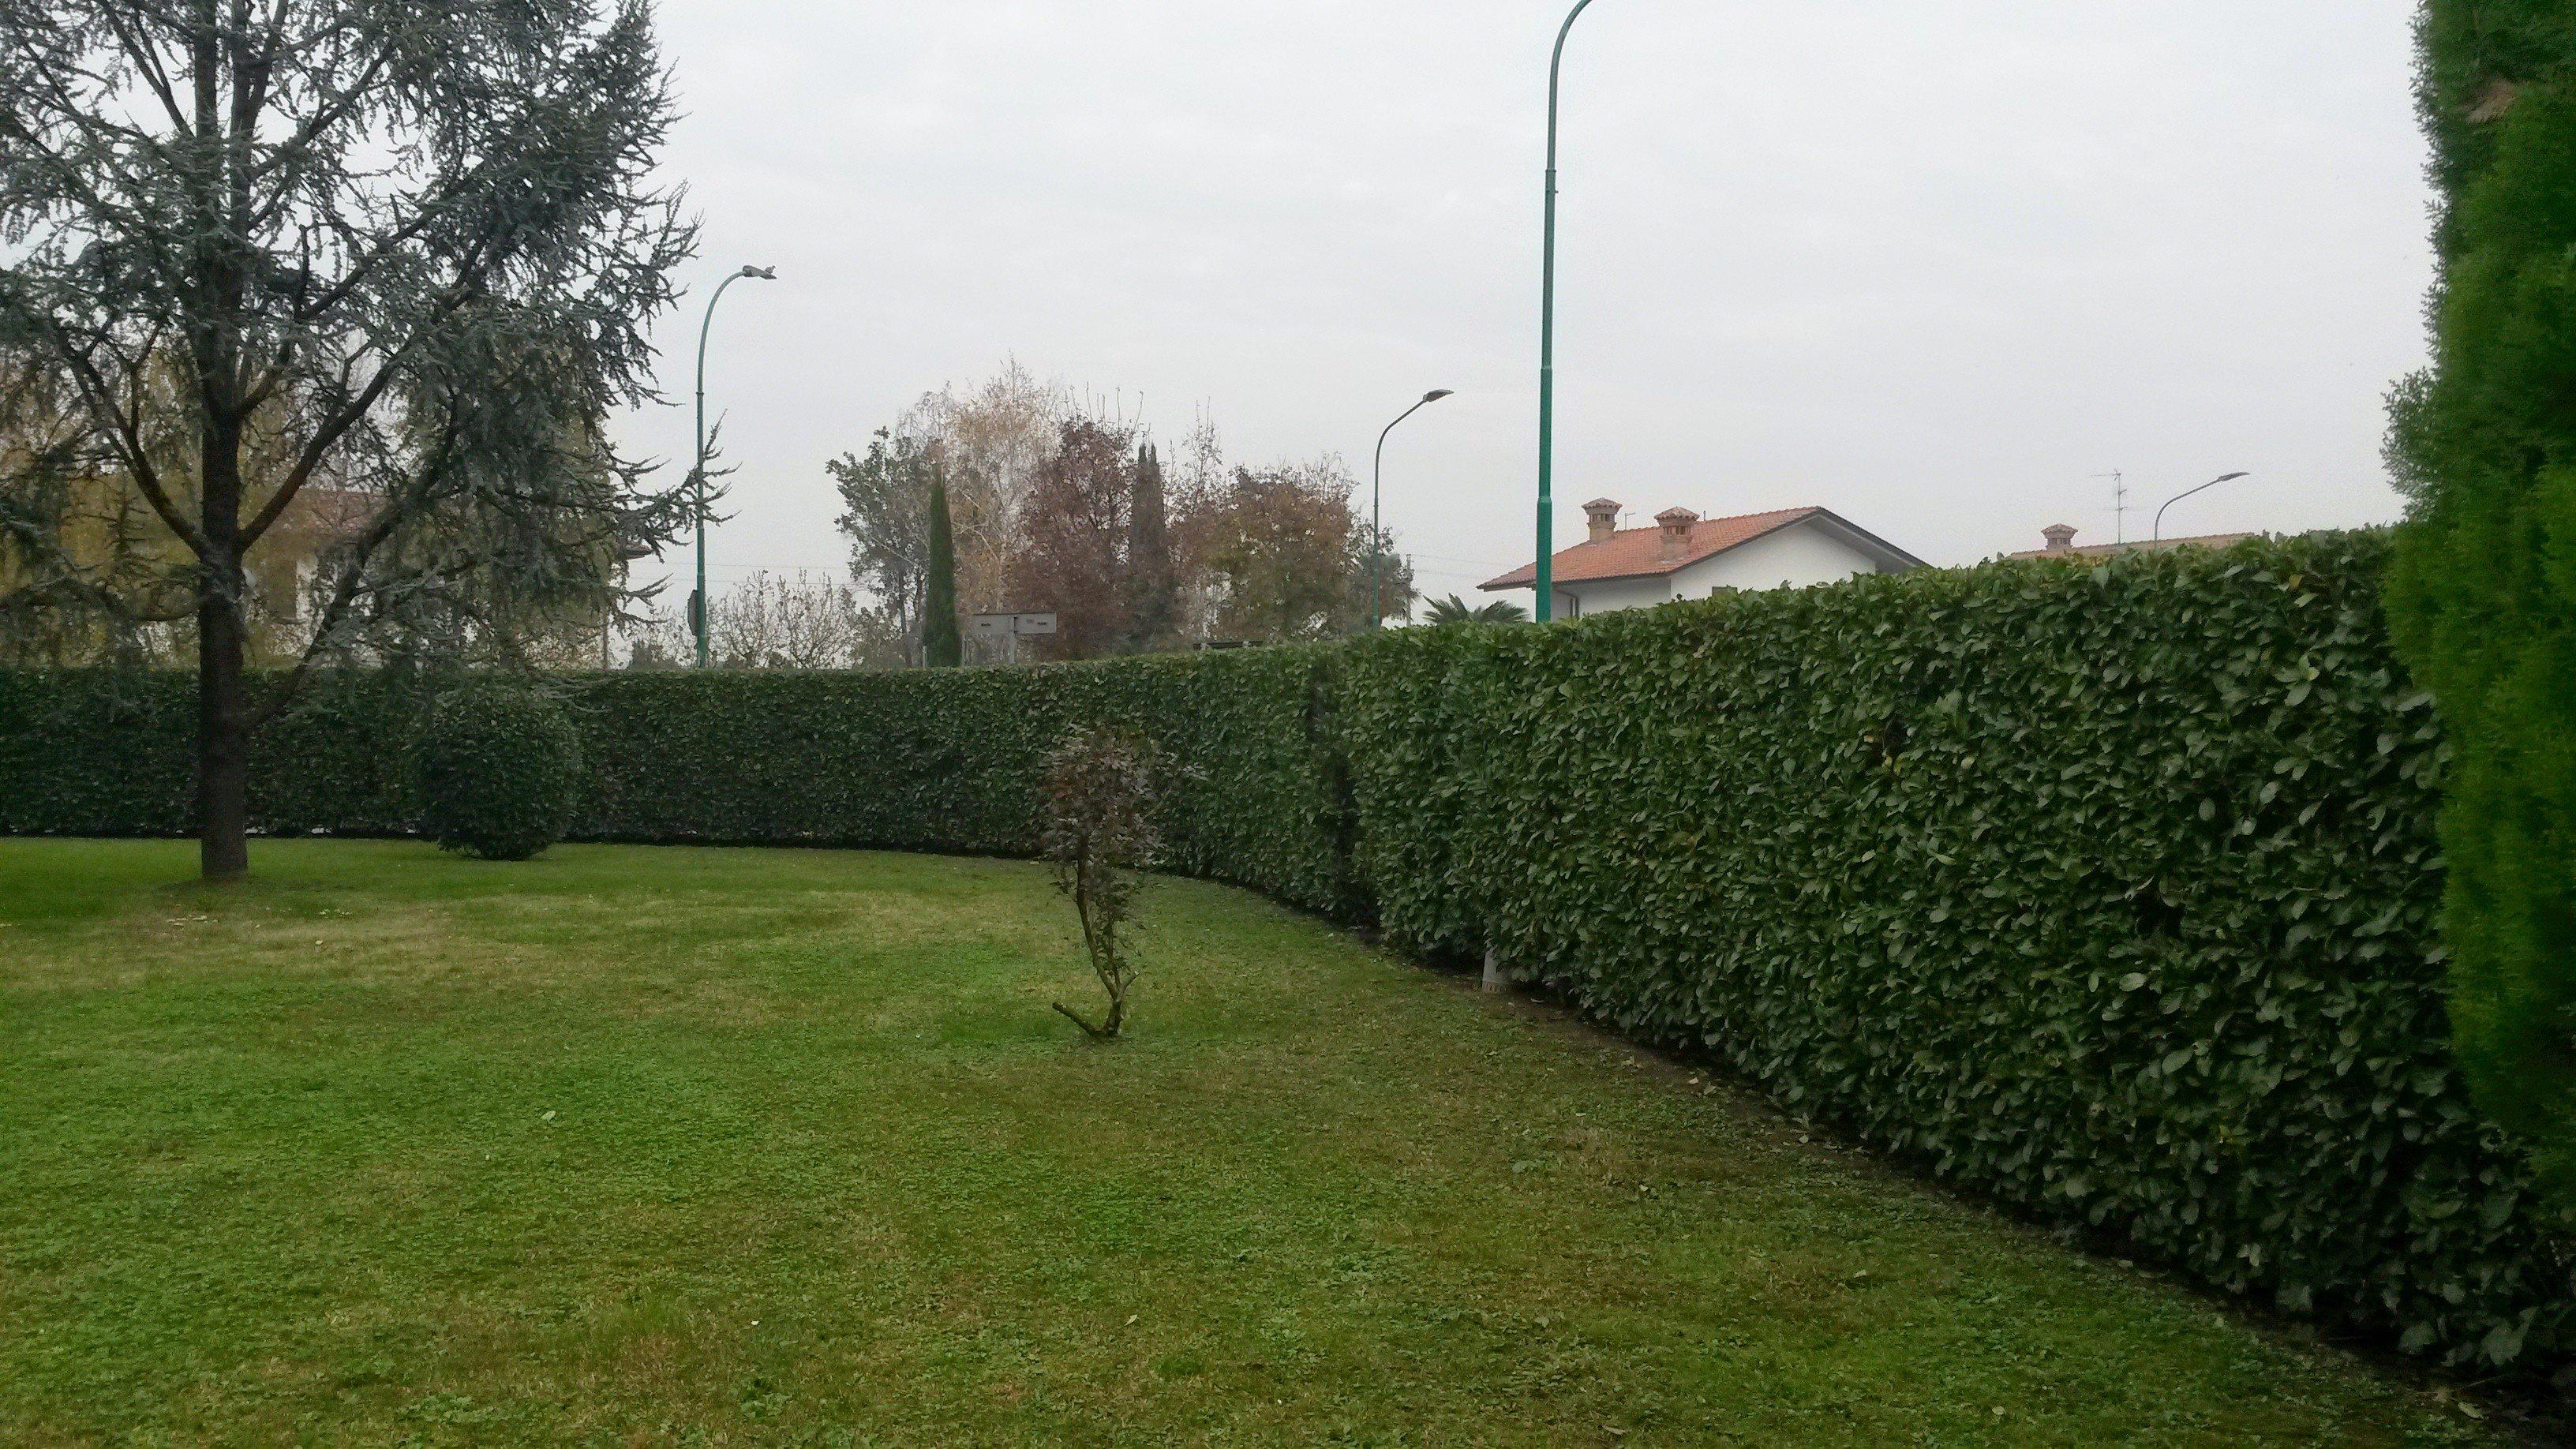 veduta di un giardino con siepe